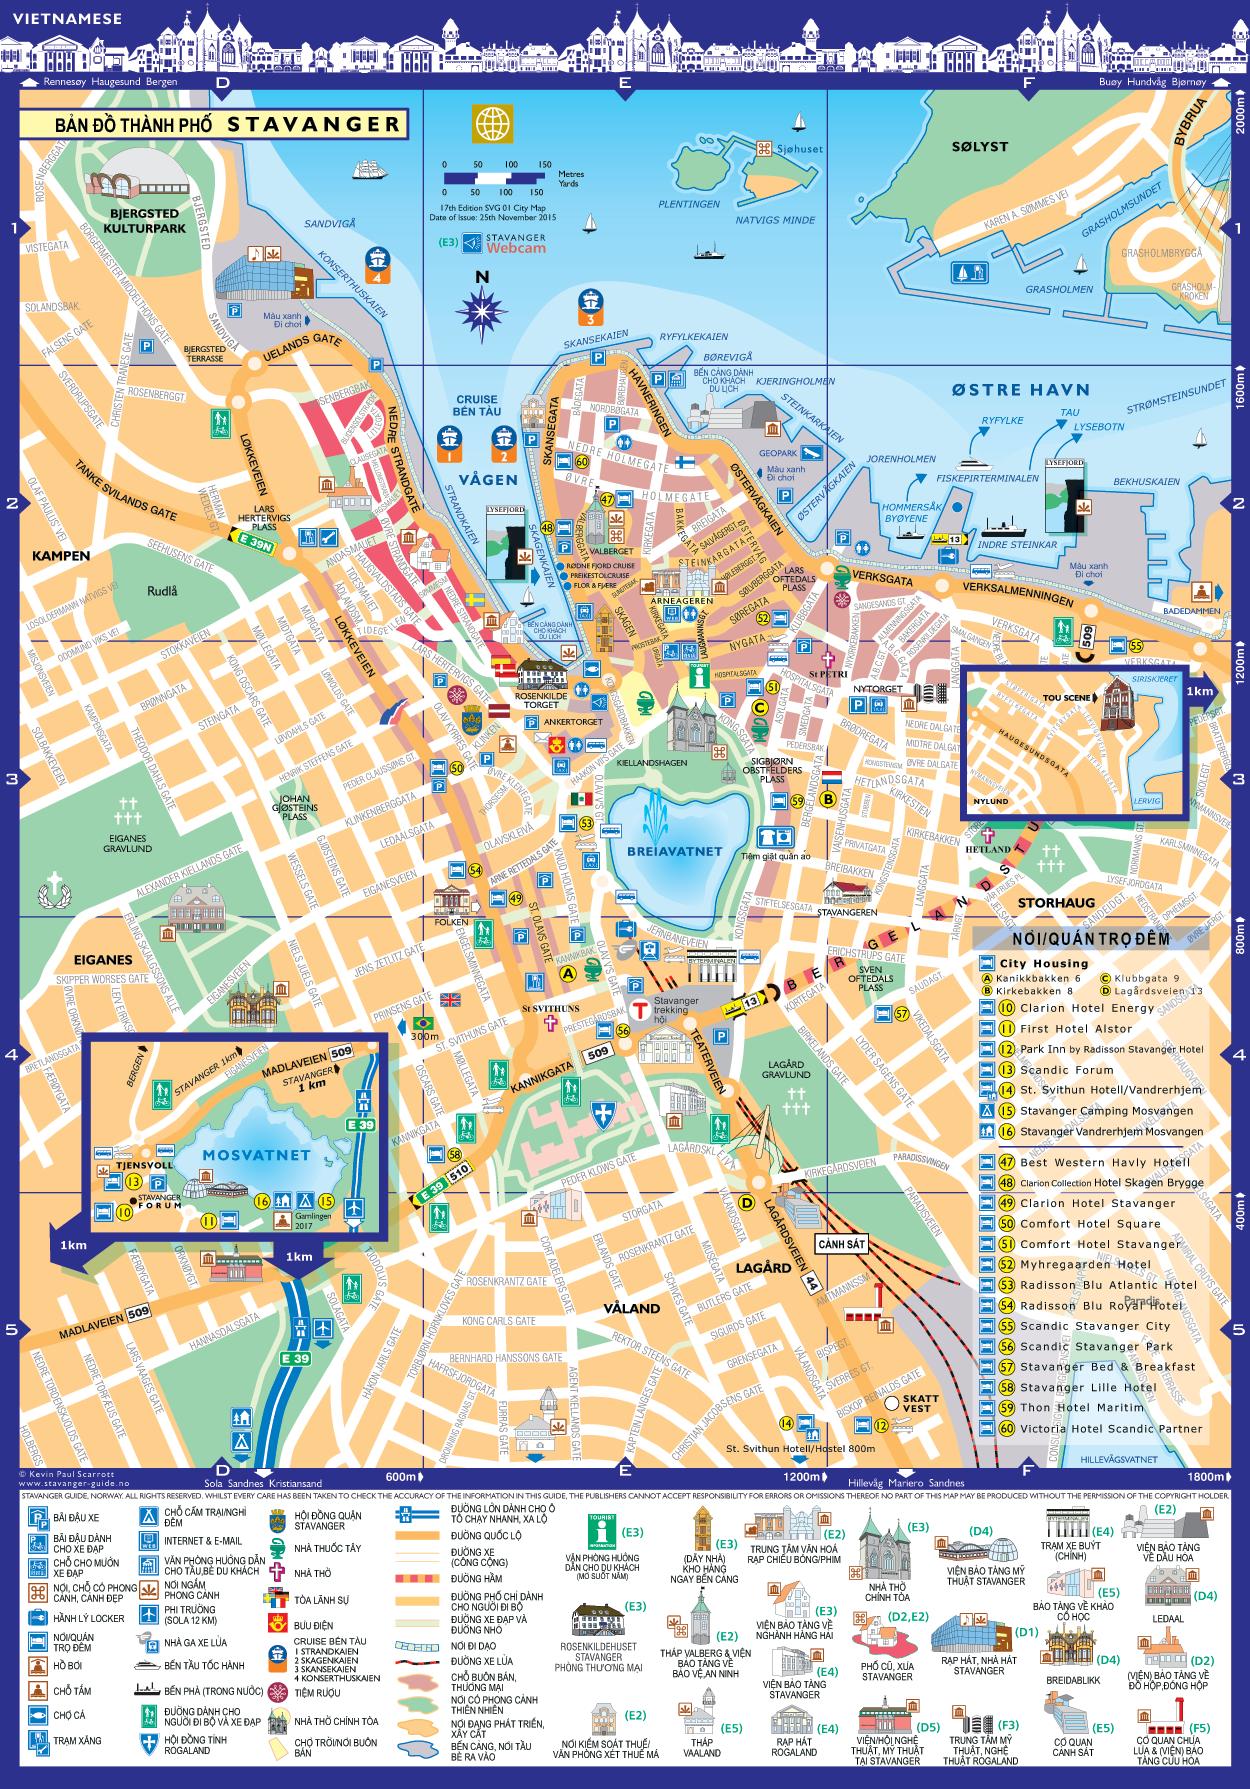 Bản đồ thành phố Stavanger